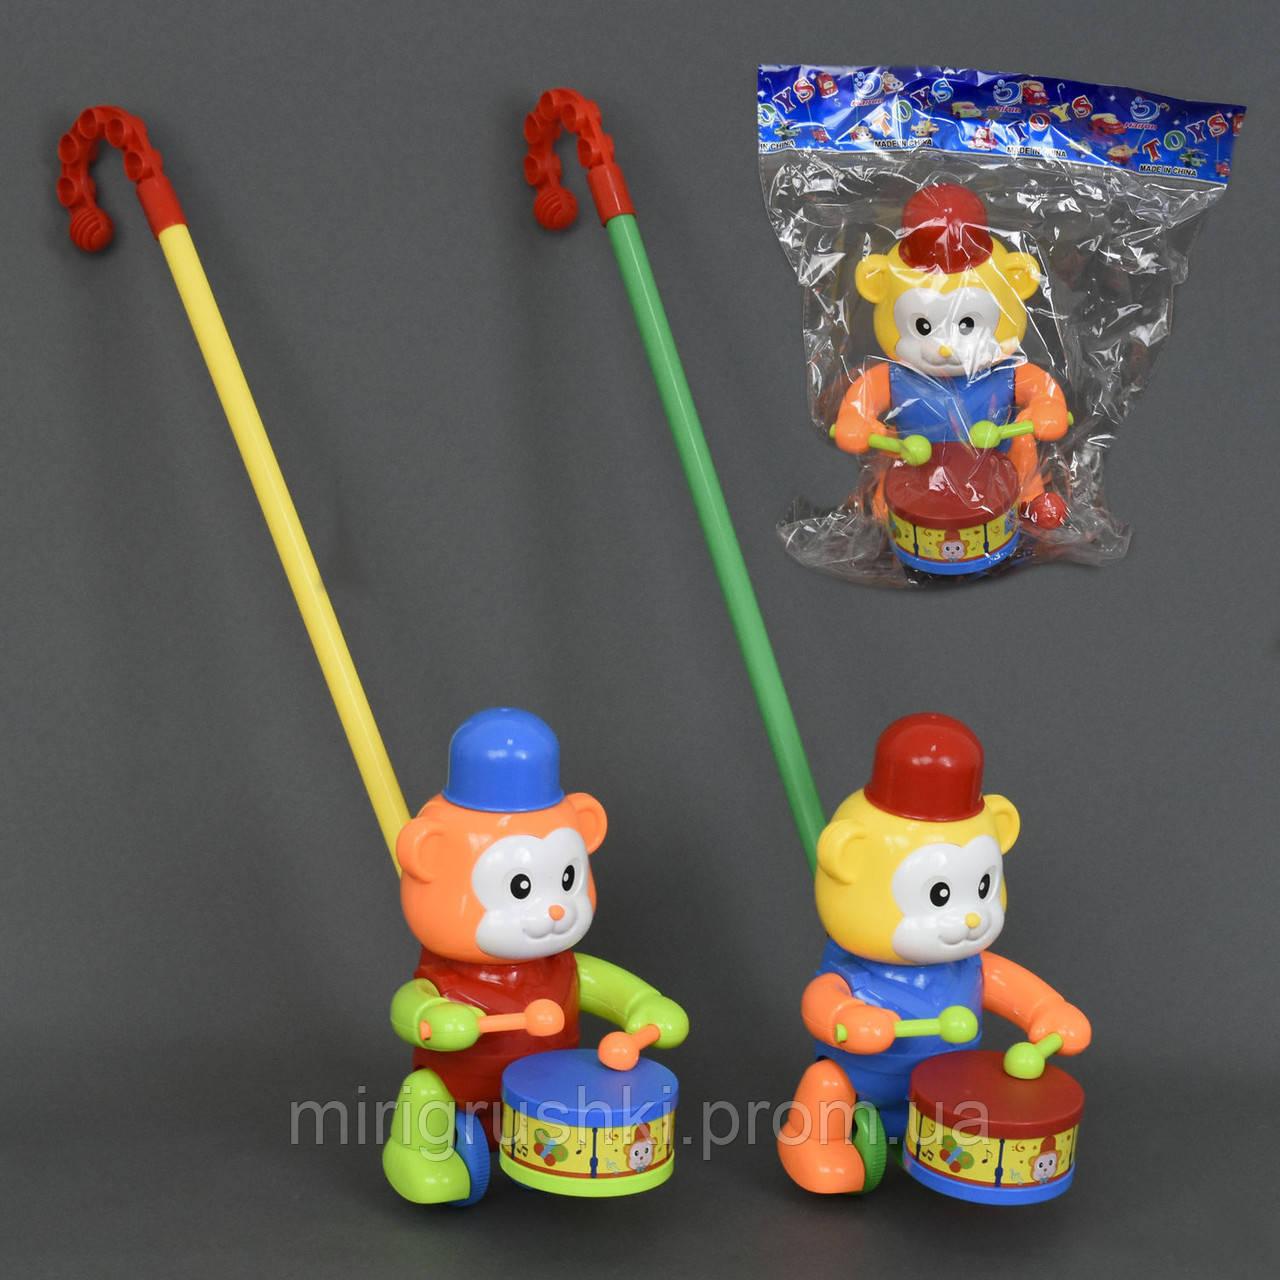 """Каталка """"Мишка"""" на палочке, 2 цвета, в кульке"""